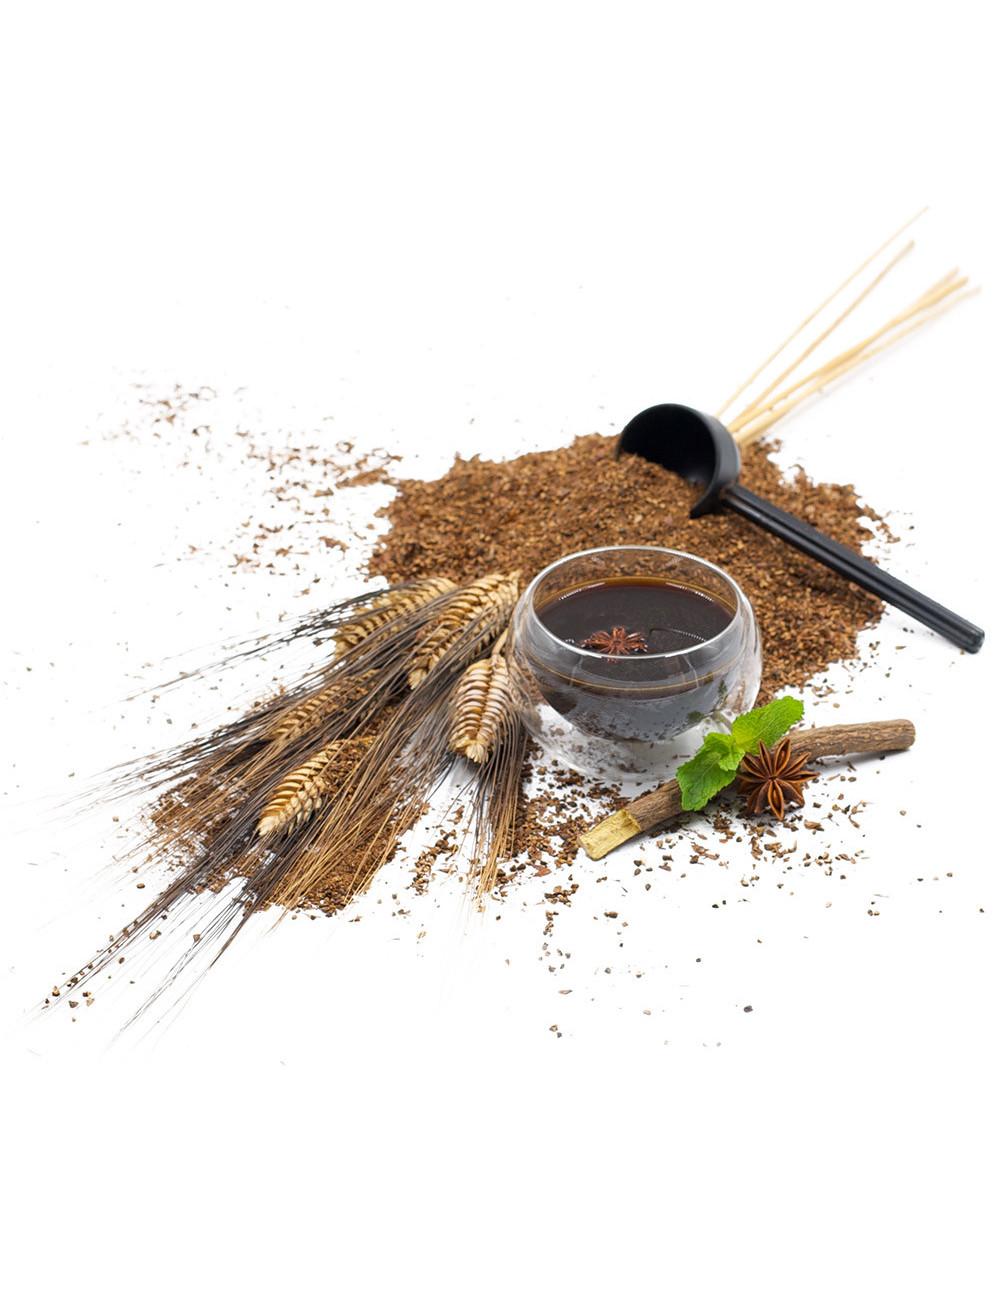 Orzo Digestivo anice, liquirizia e menta aromatizzato - La Pianta del Tè shop online